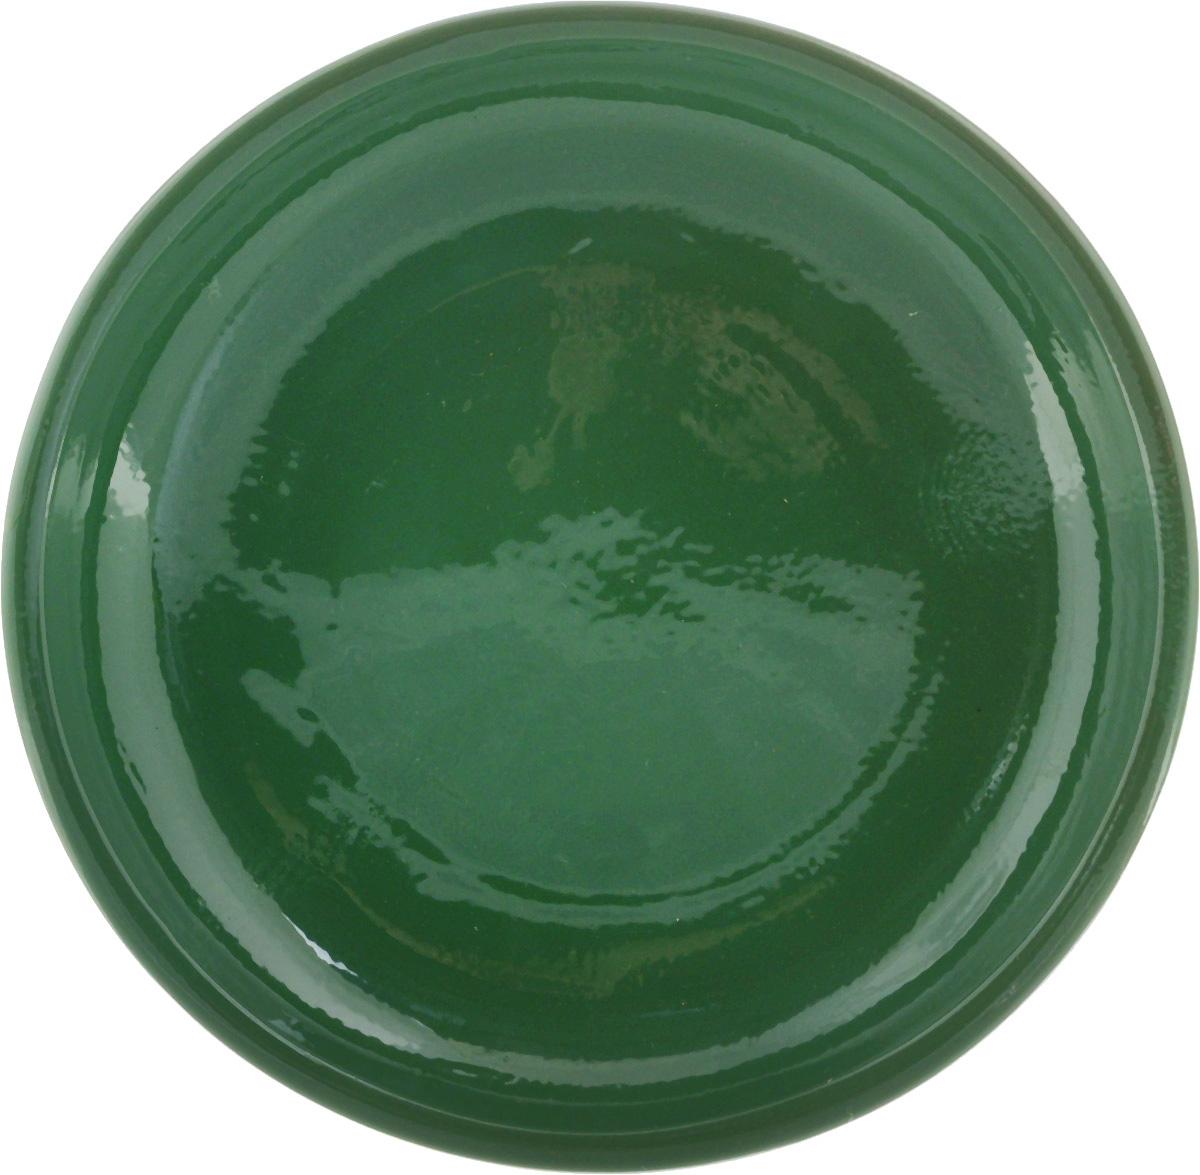 Тарелка Борисовская керамика Радуга, цвет: зеленый, диаметр 18 смРАД00000458_зеленыйТарелка Борисовская керамика Радуга выполнена из высококачественной керамики. Изделие идеально подойдет для сервировки стола и станет отличным подарком к любому празднику. Можно использовать в духовке и микроволновой печи.